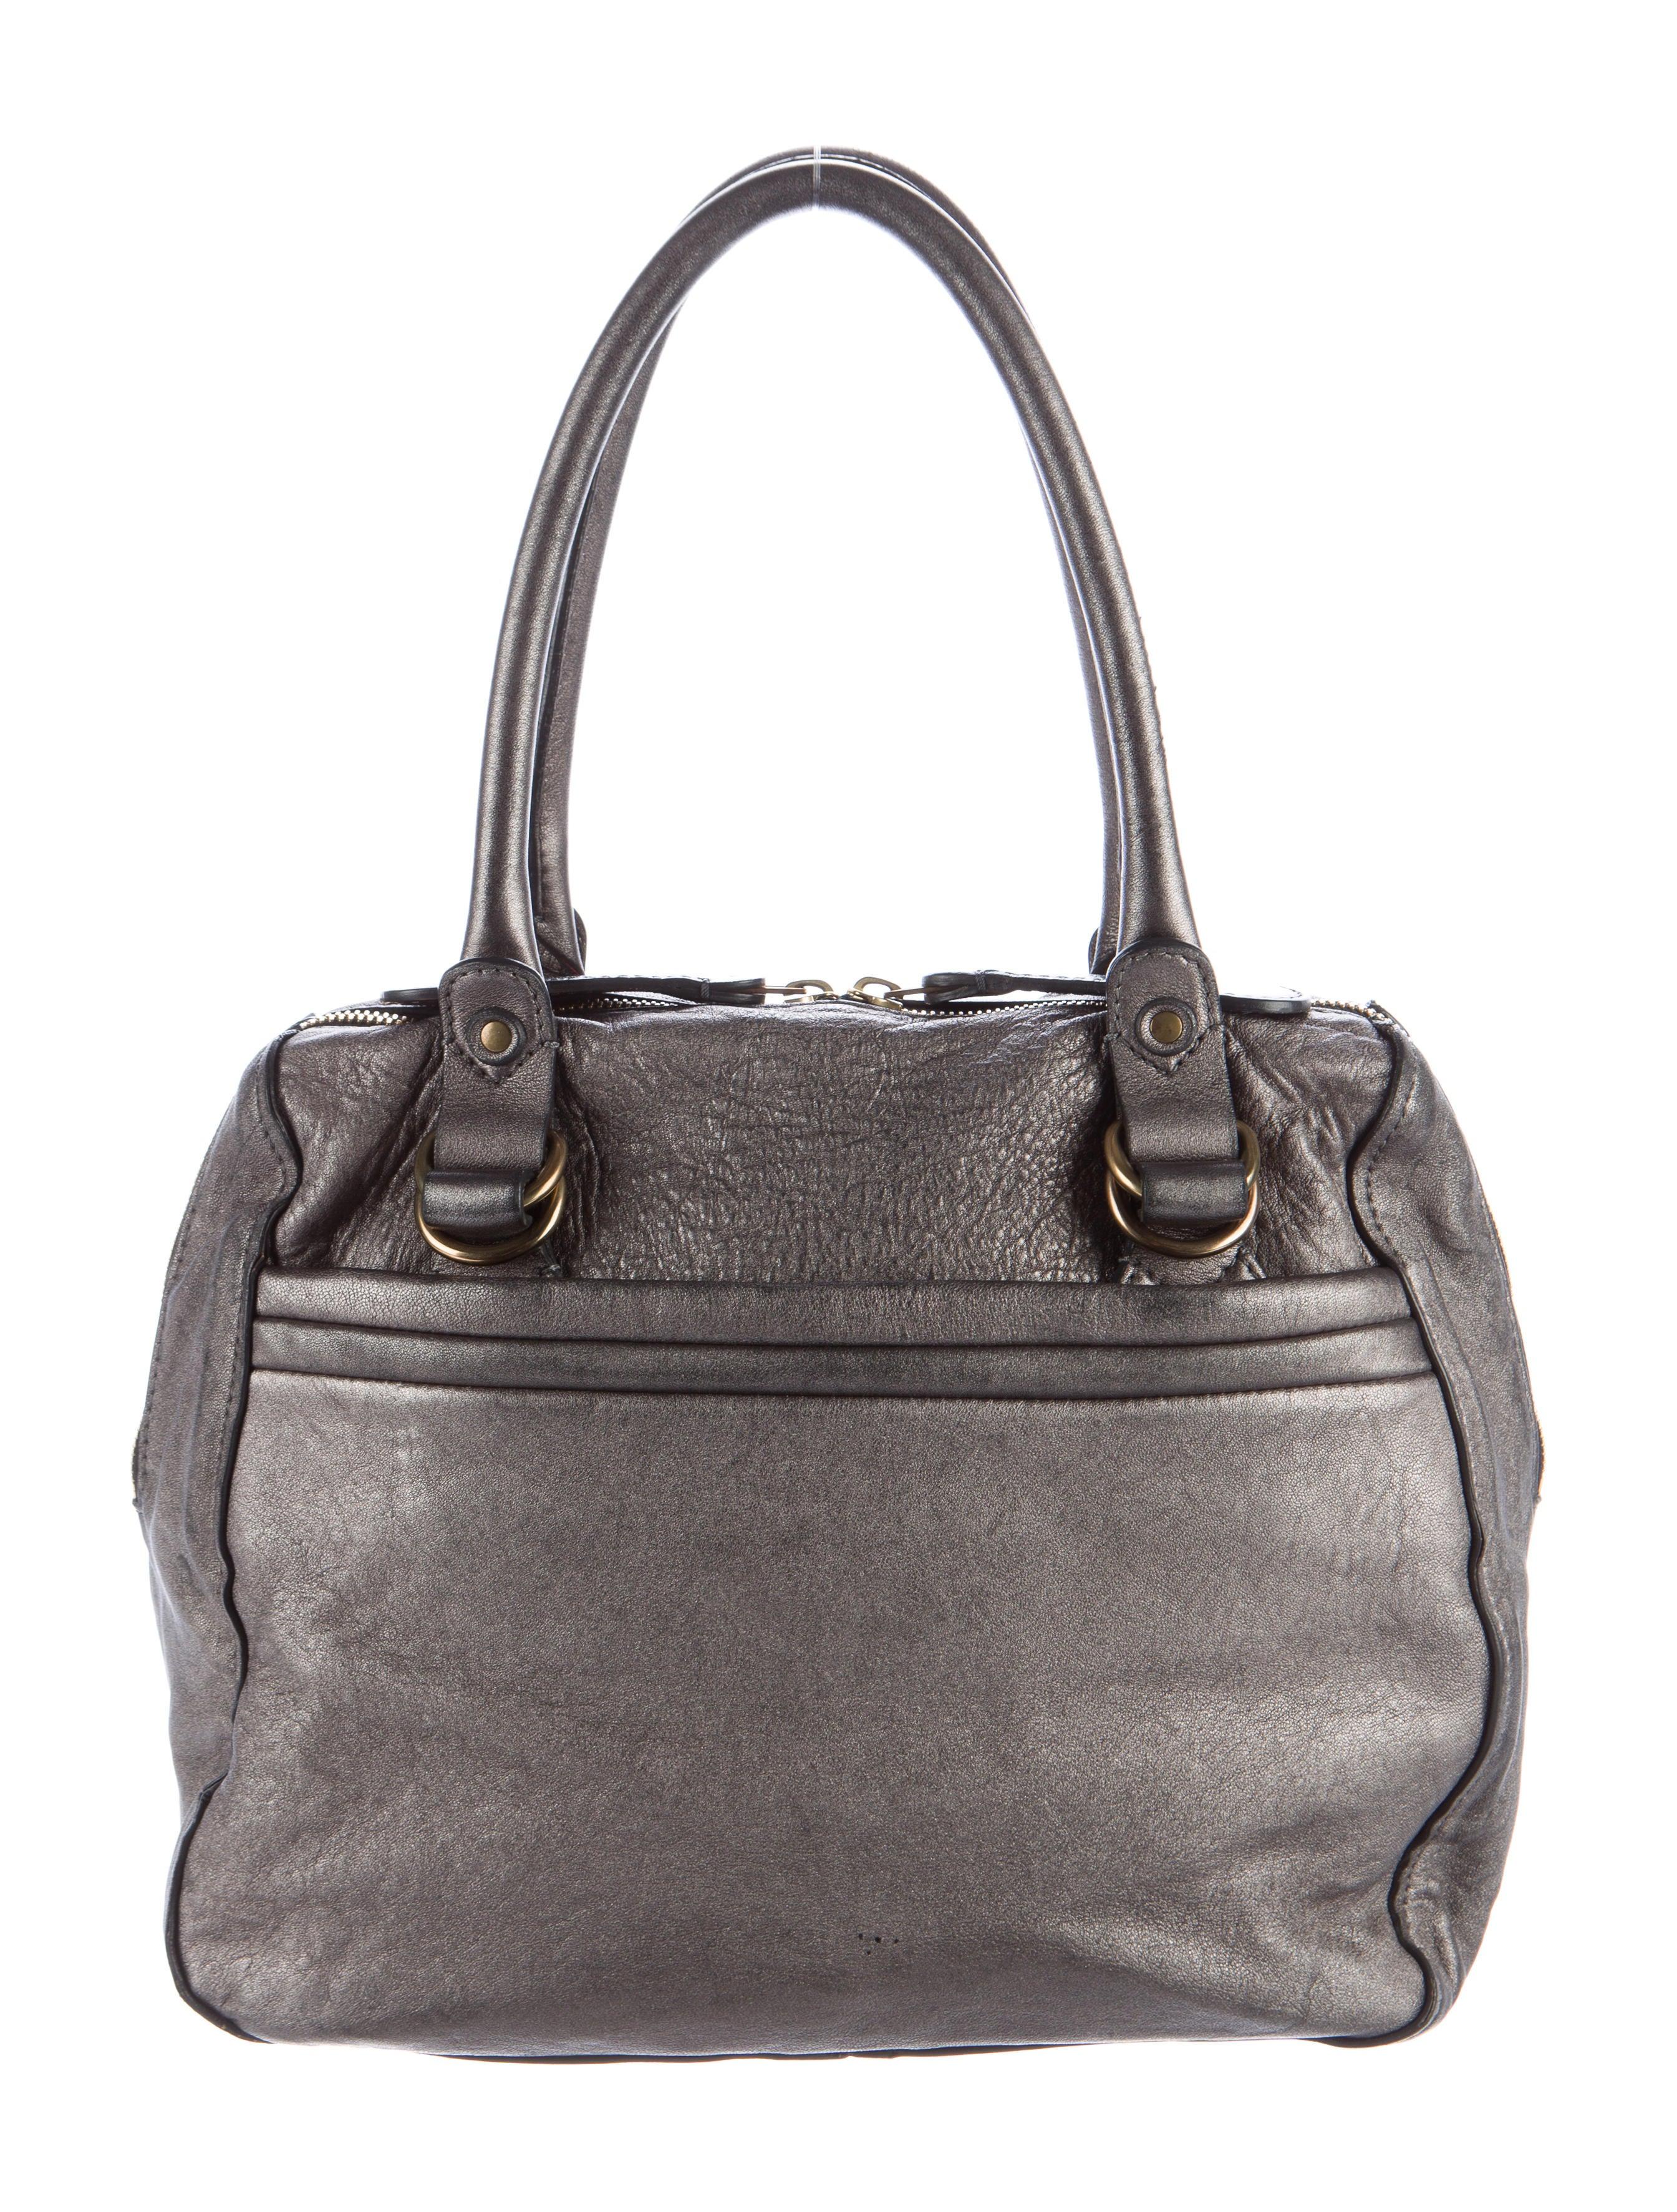 Vintage Leather Tote Bag | eBay